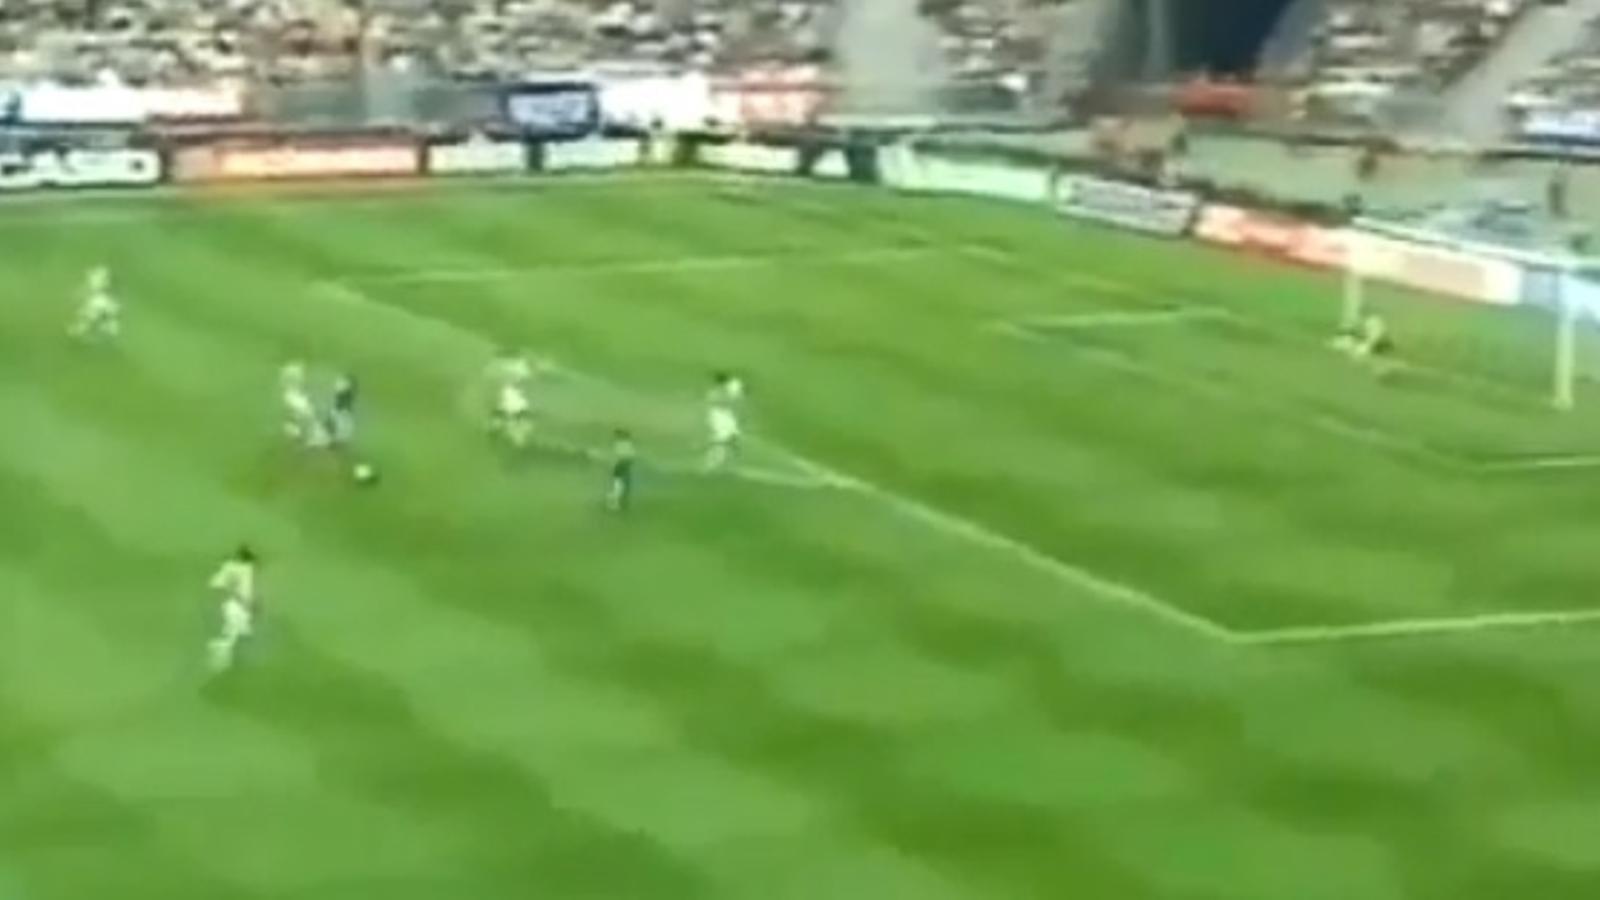 Zidane arribant en conducció a zona de xut